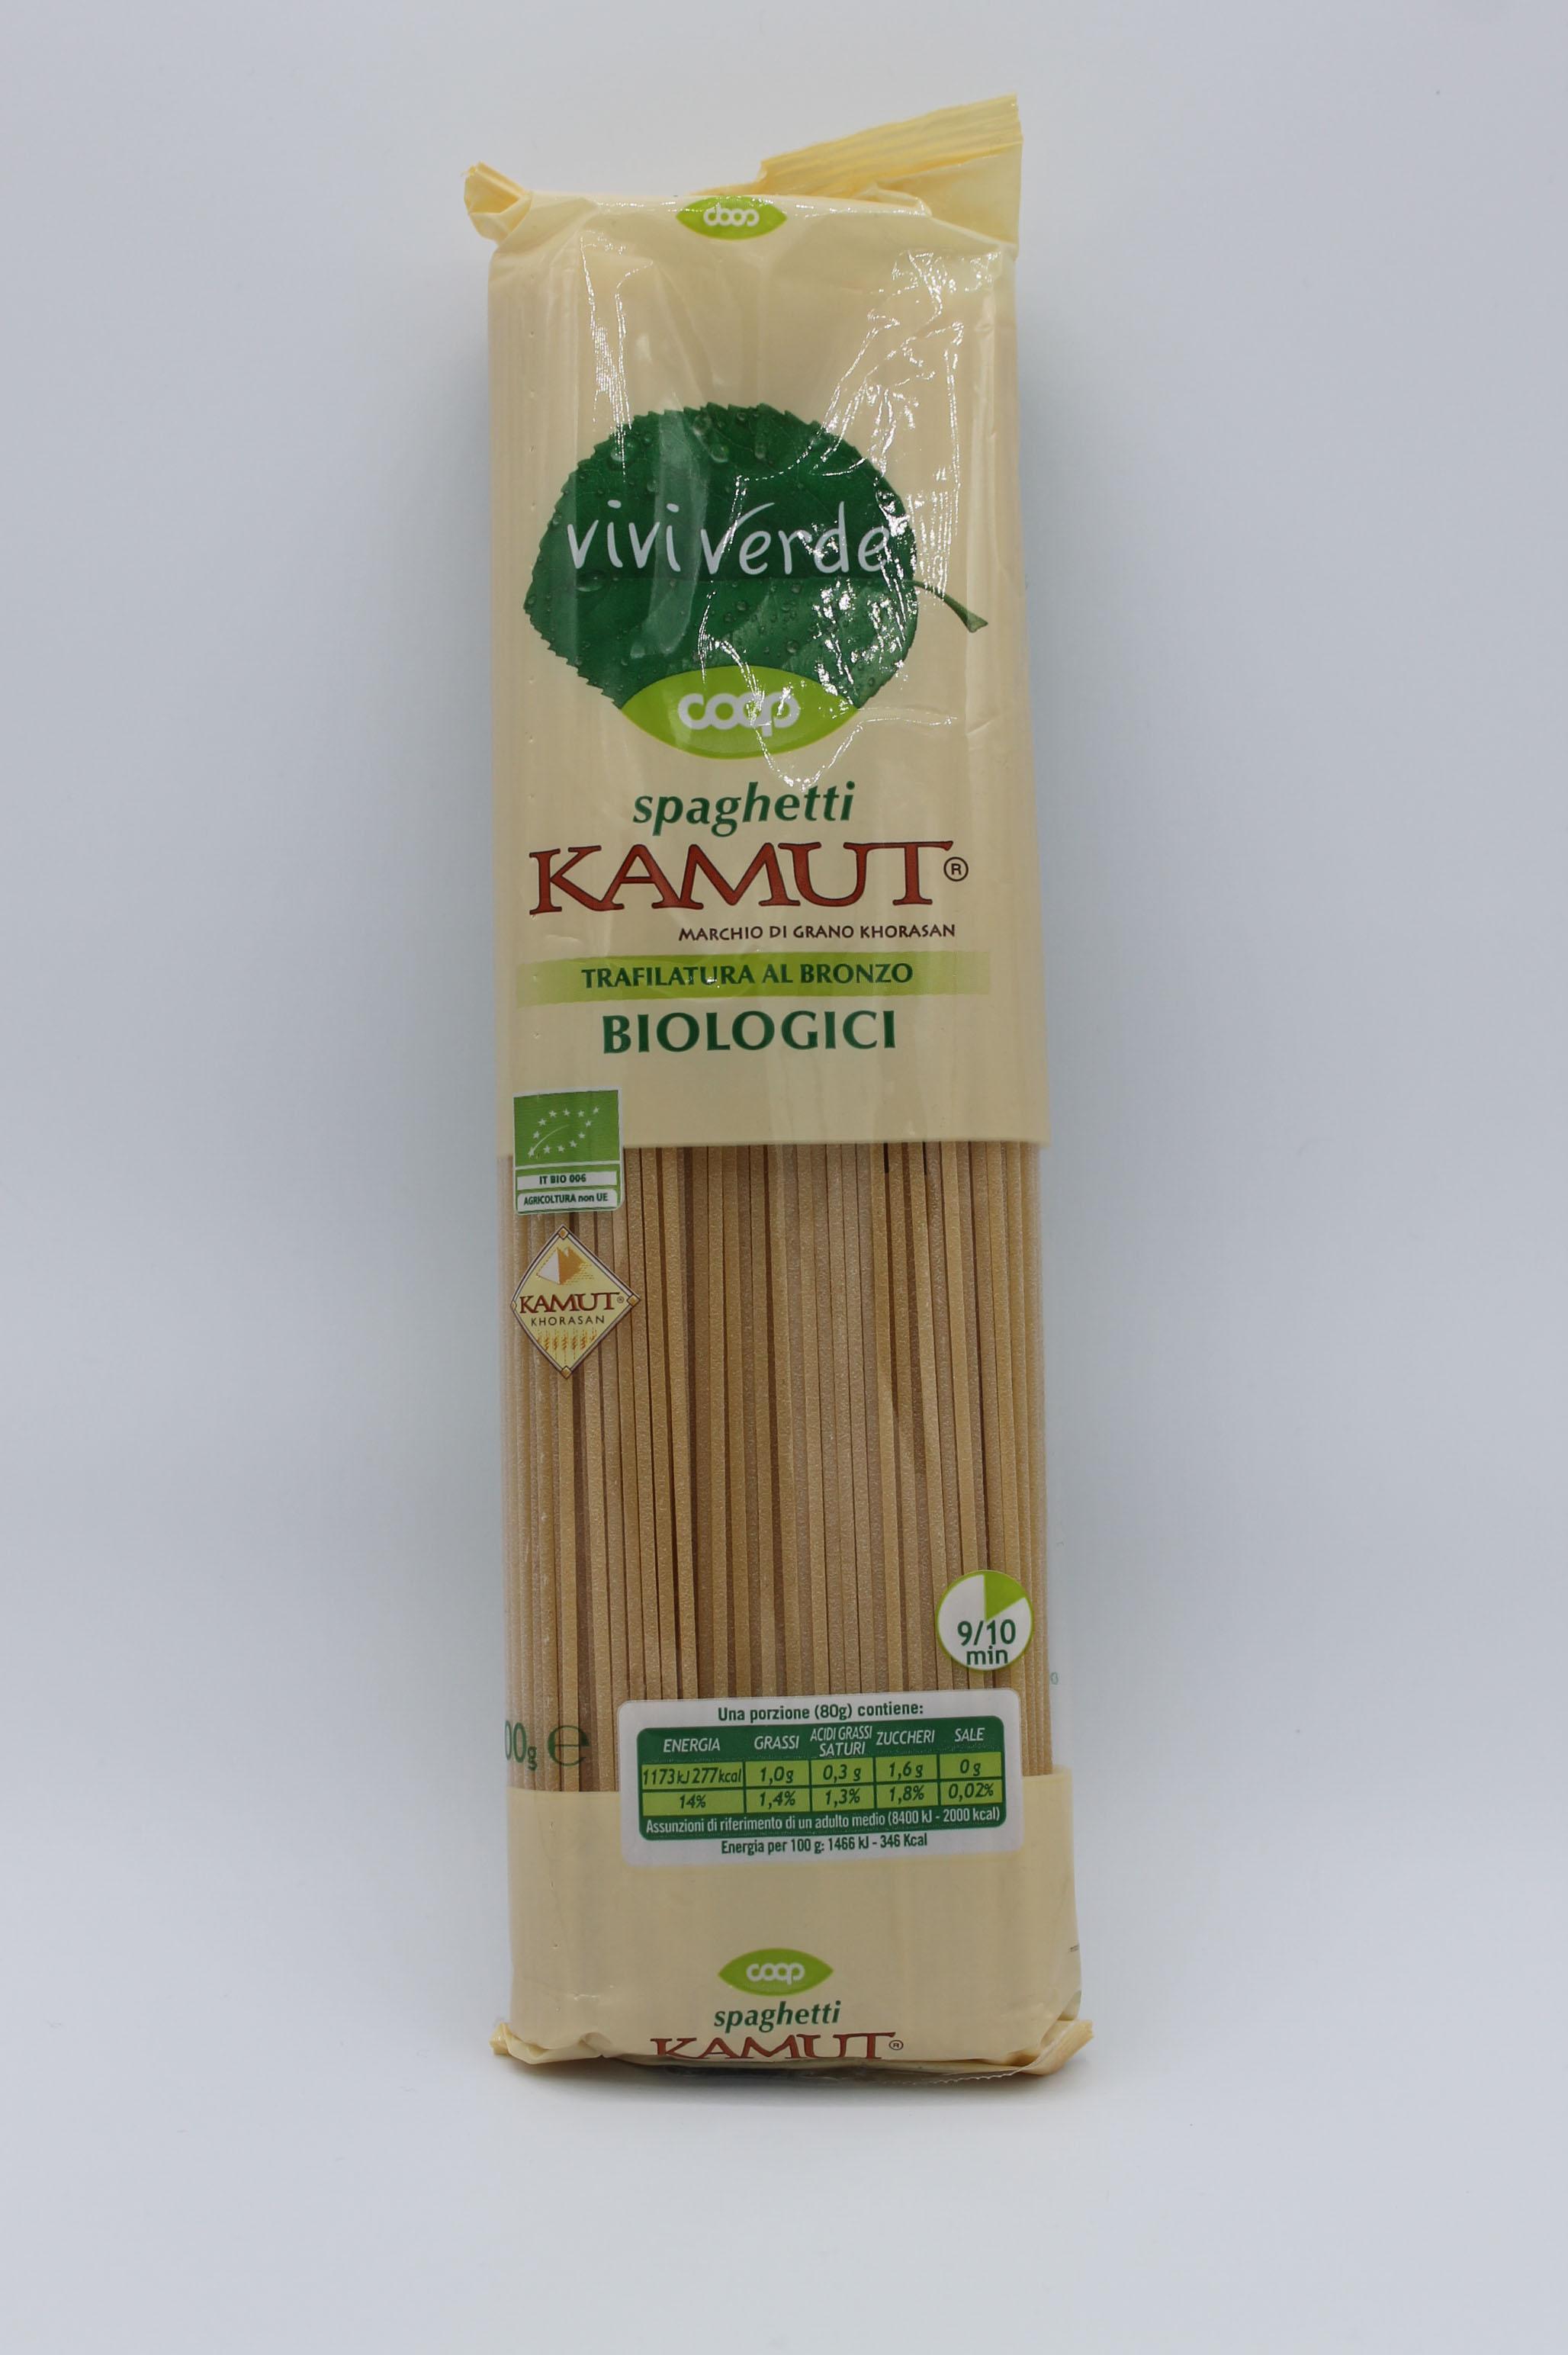 Viviverde coop spaghetti kamut 500gr.